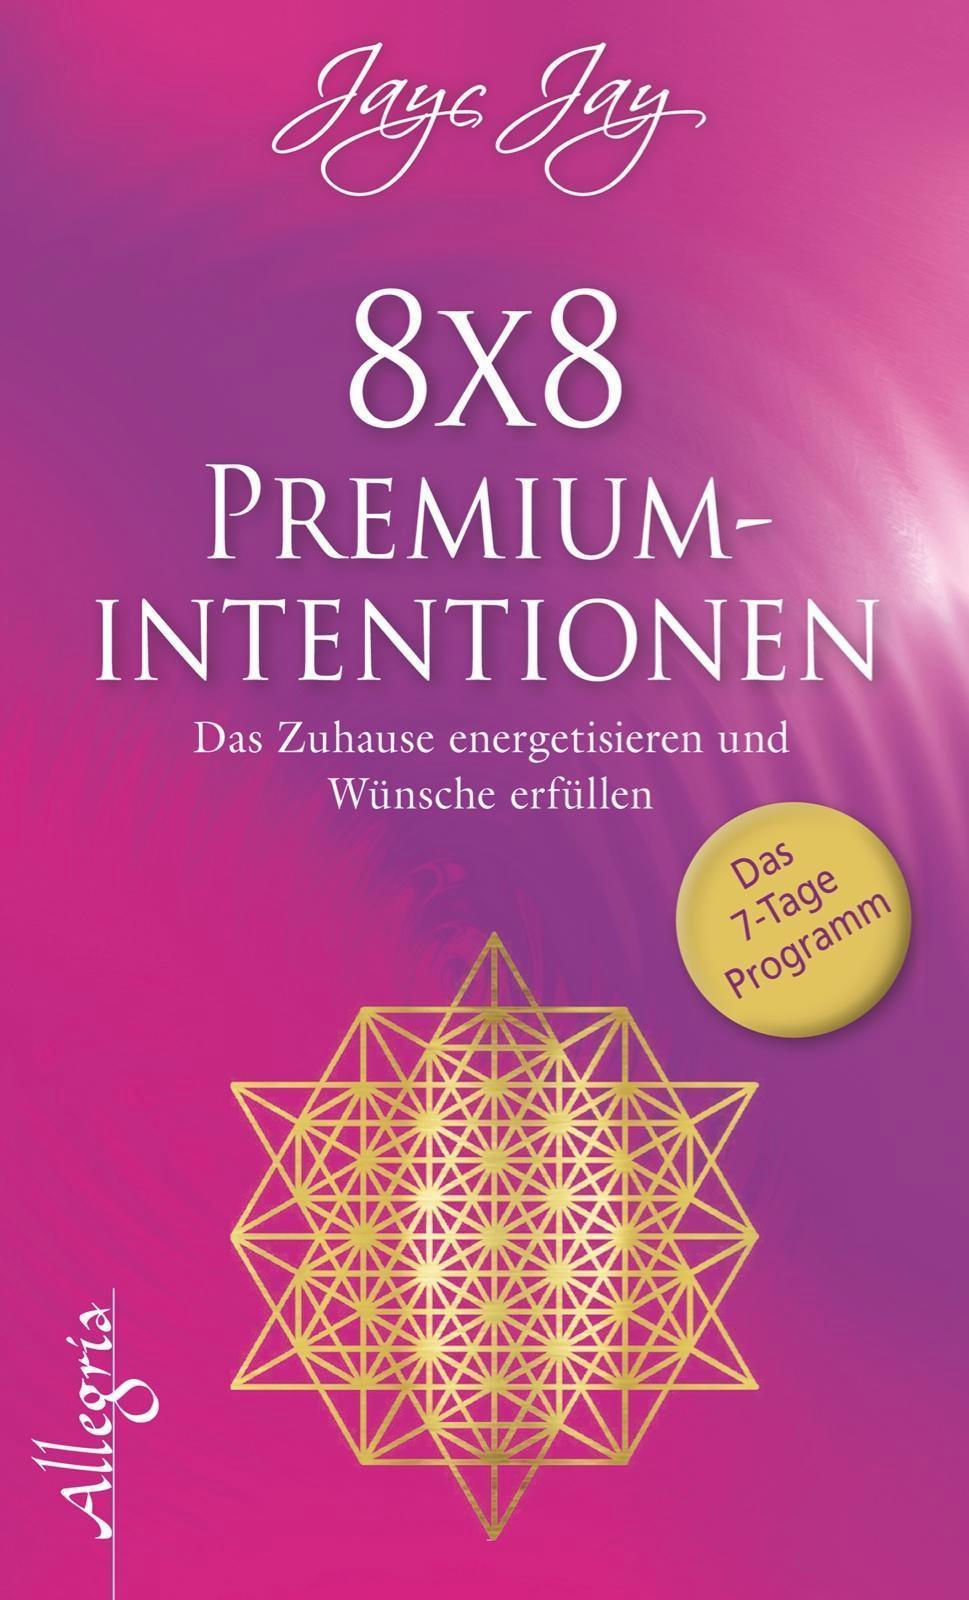 8×8 Premiumintentionen 1